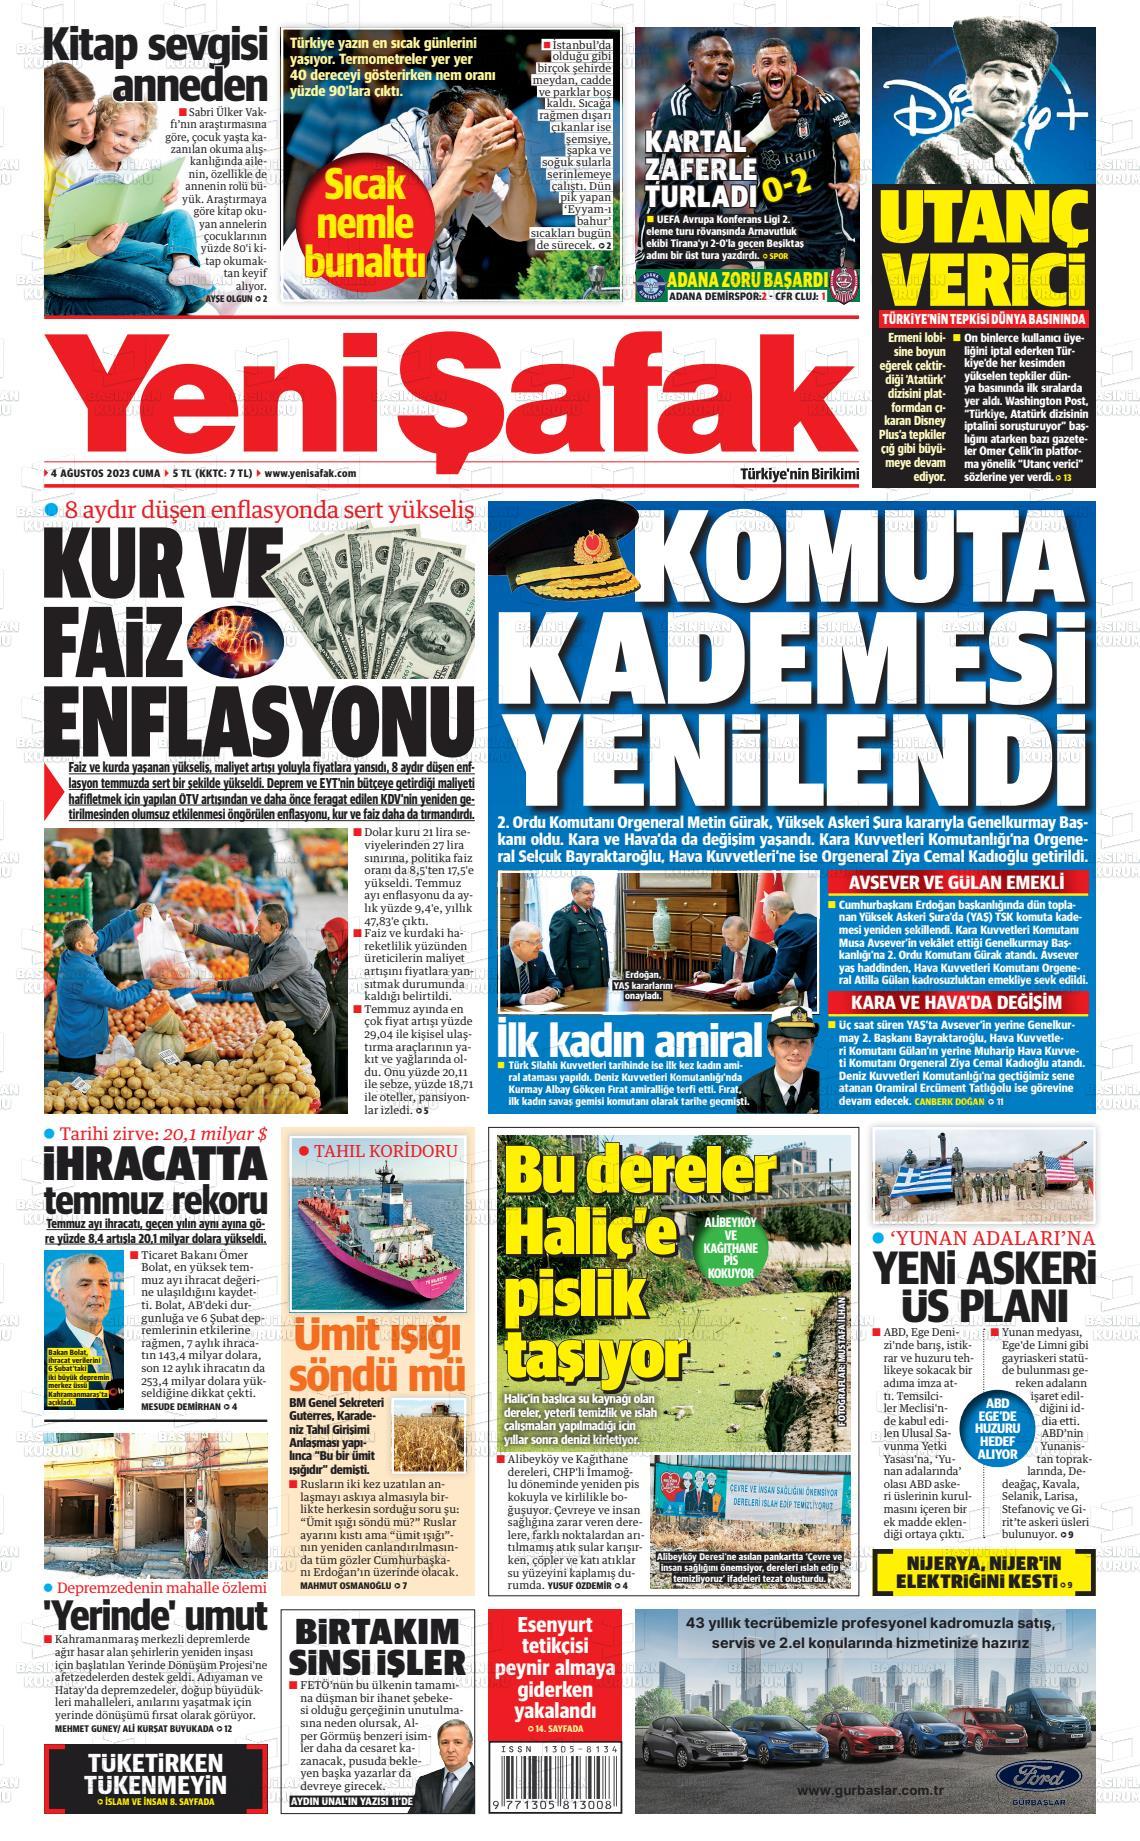 19 Eylül 2019, Perşembe yenisafak Gazetesi